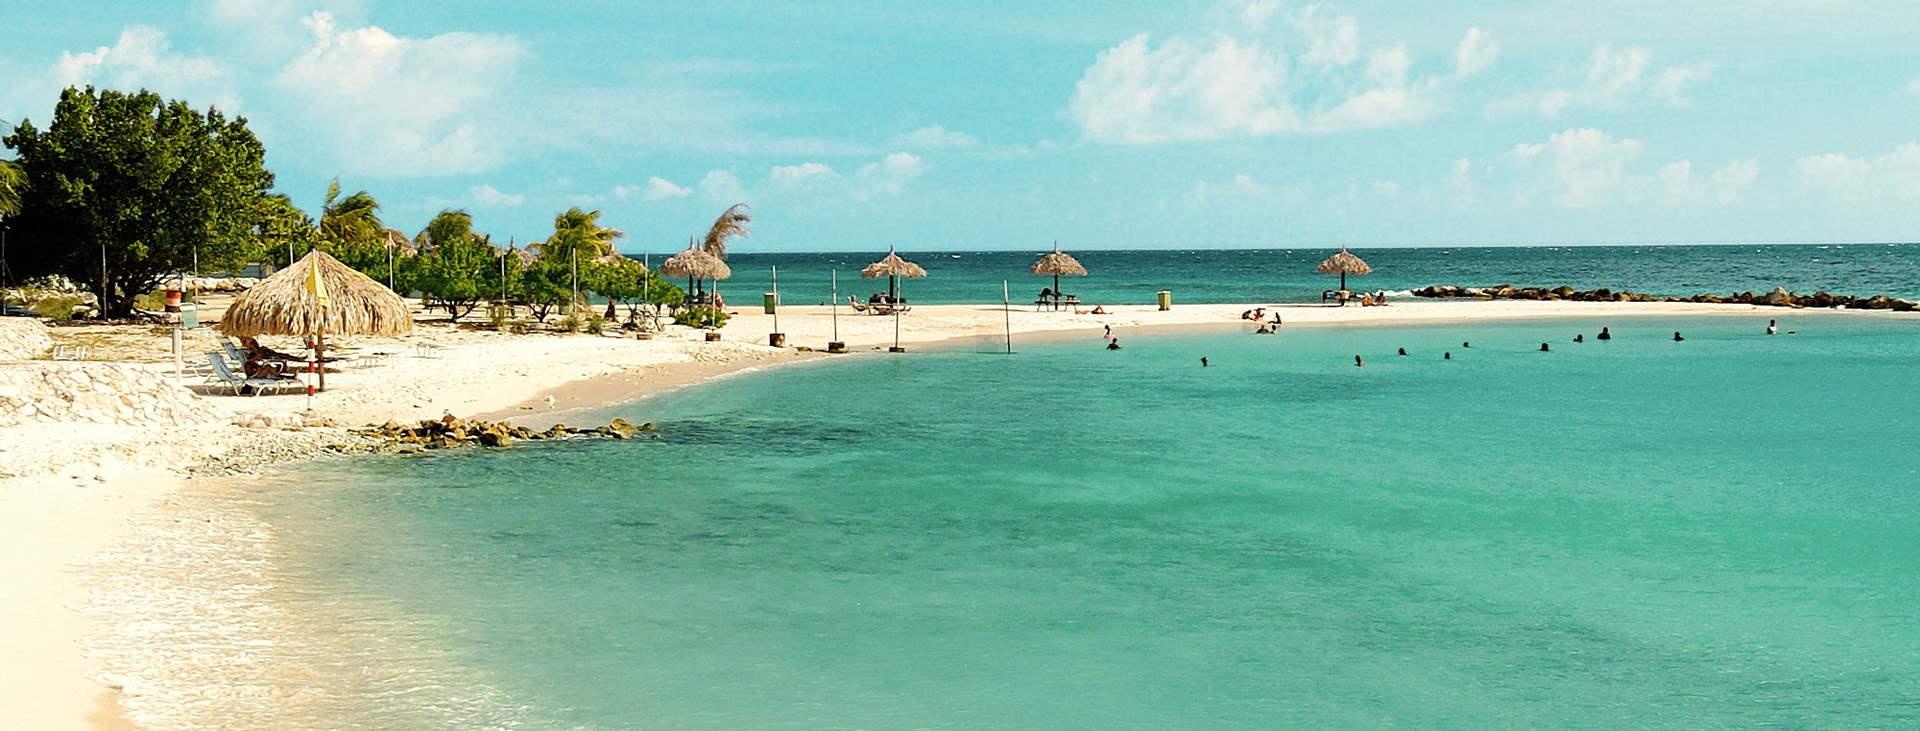 Reis til Curaçao med Ving